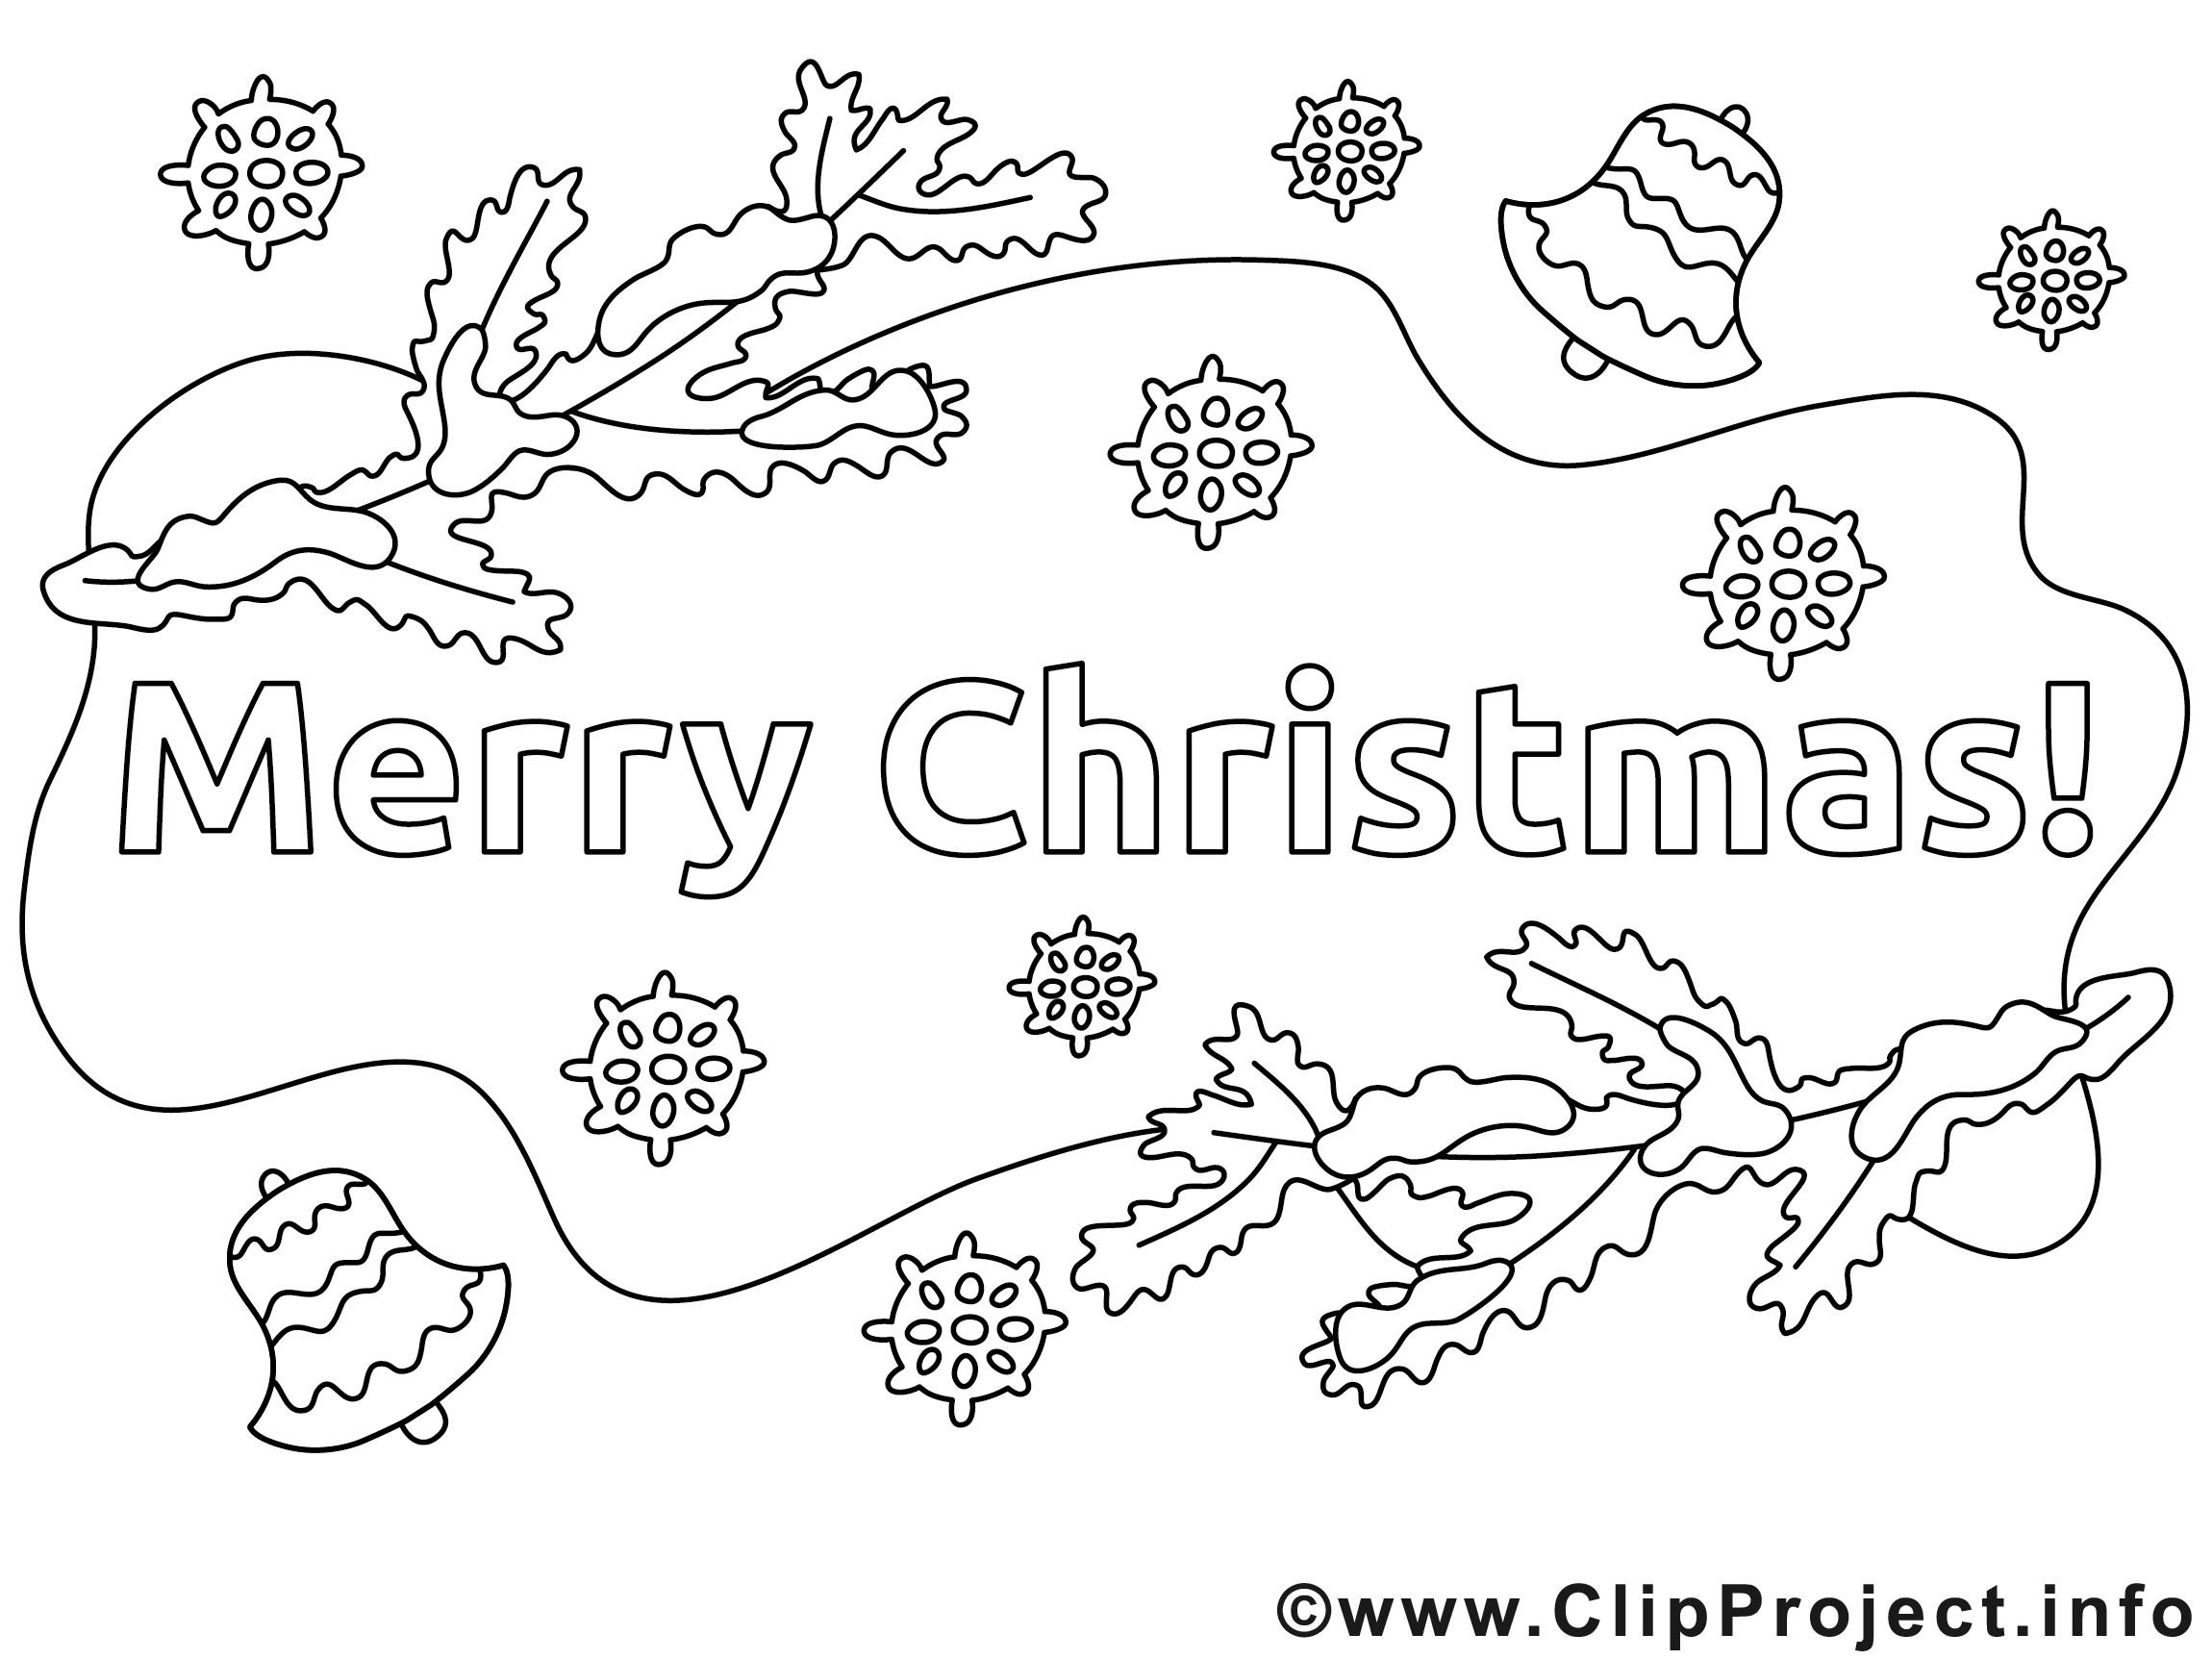 Ausmalbilder Zu Weihnachten Zum Ausdrucken Frisch Malvorlagen Gratis Zum Ausdrucken Fotografieren